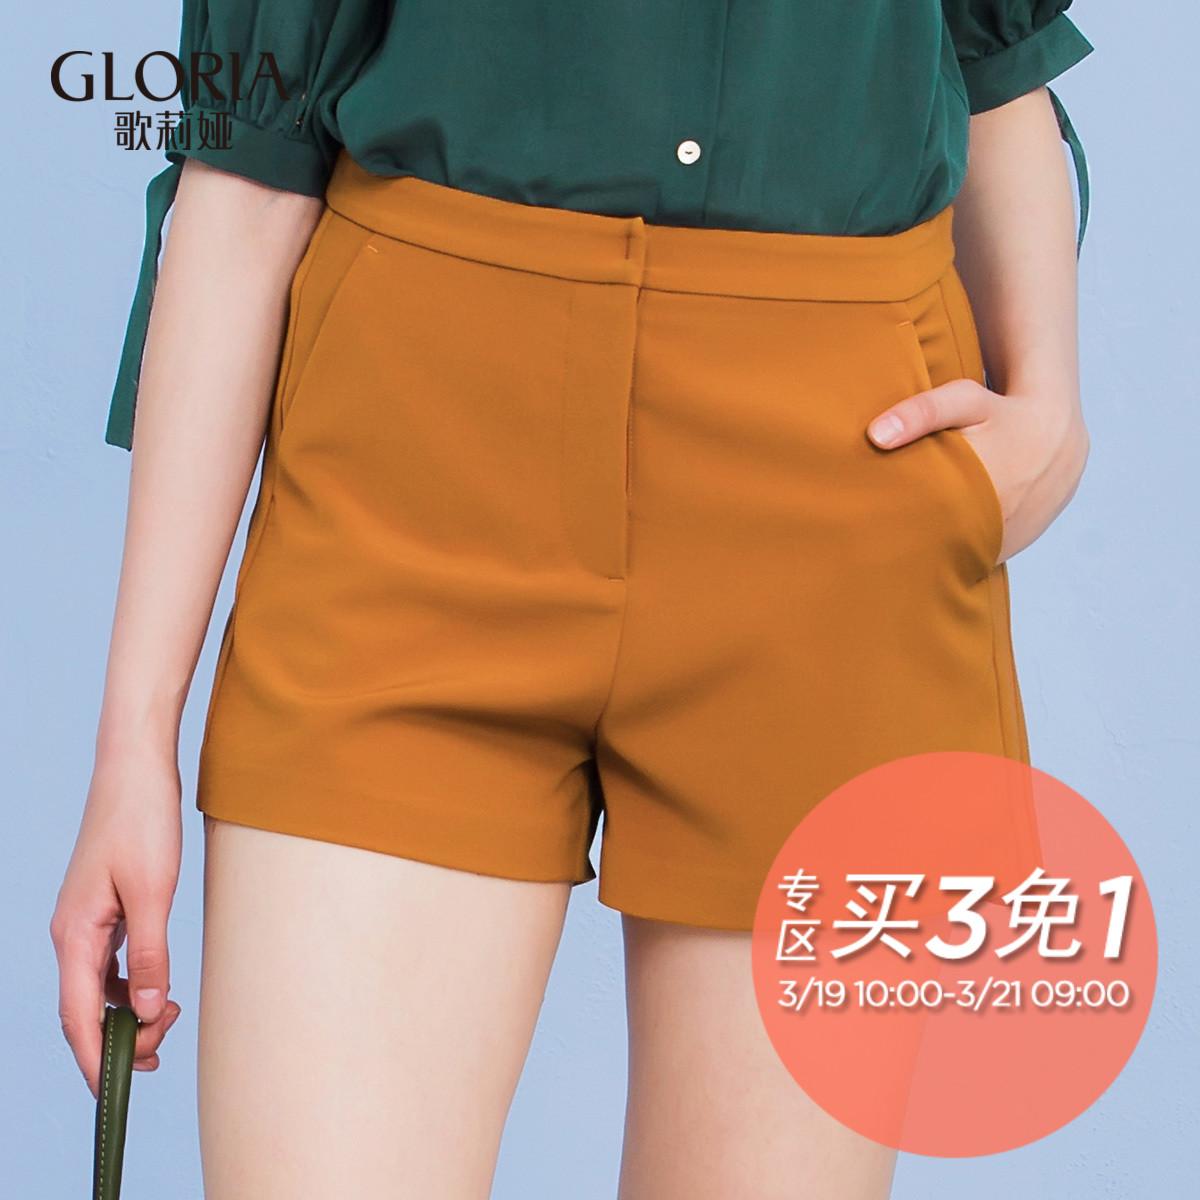 歌莉娅女装 GLORIA歌莉娅女新品薄款高腰纯色修身短裤女178J1A03B_推荐淘宝好看的歌莉娅